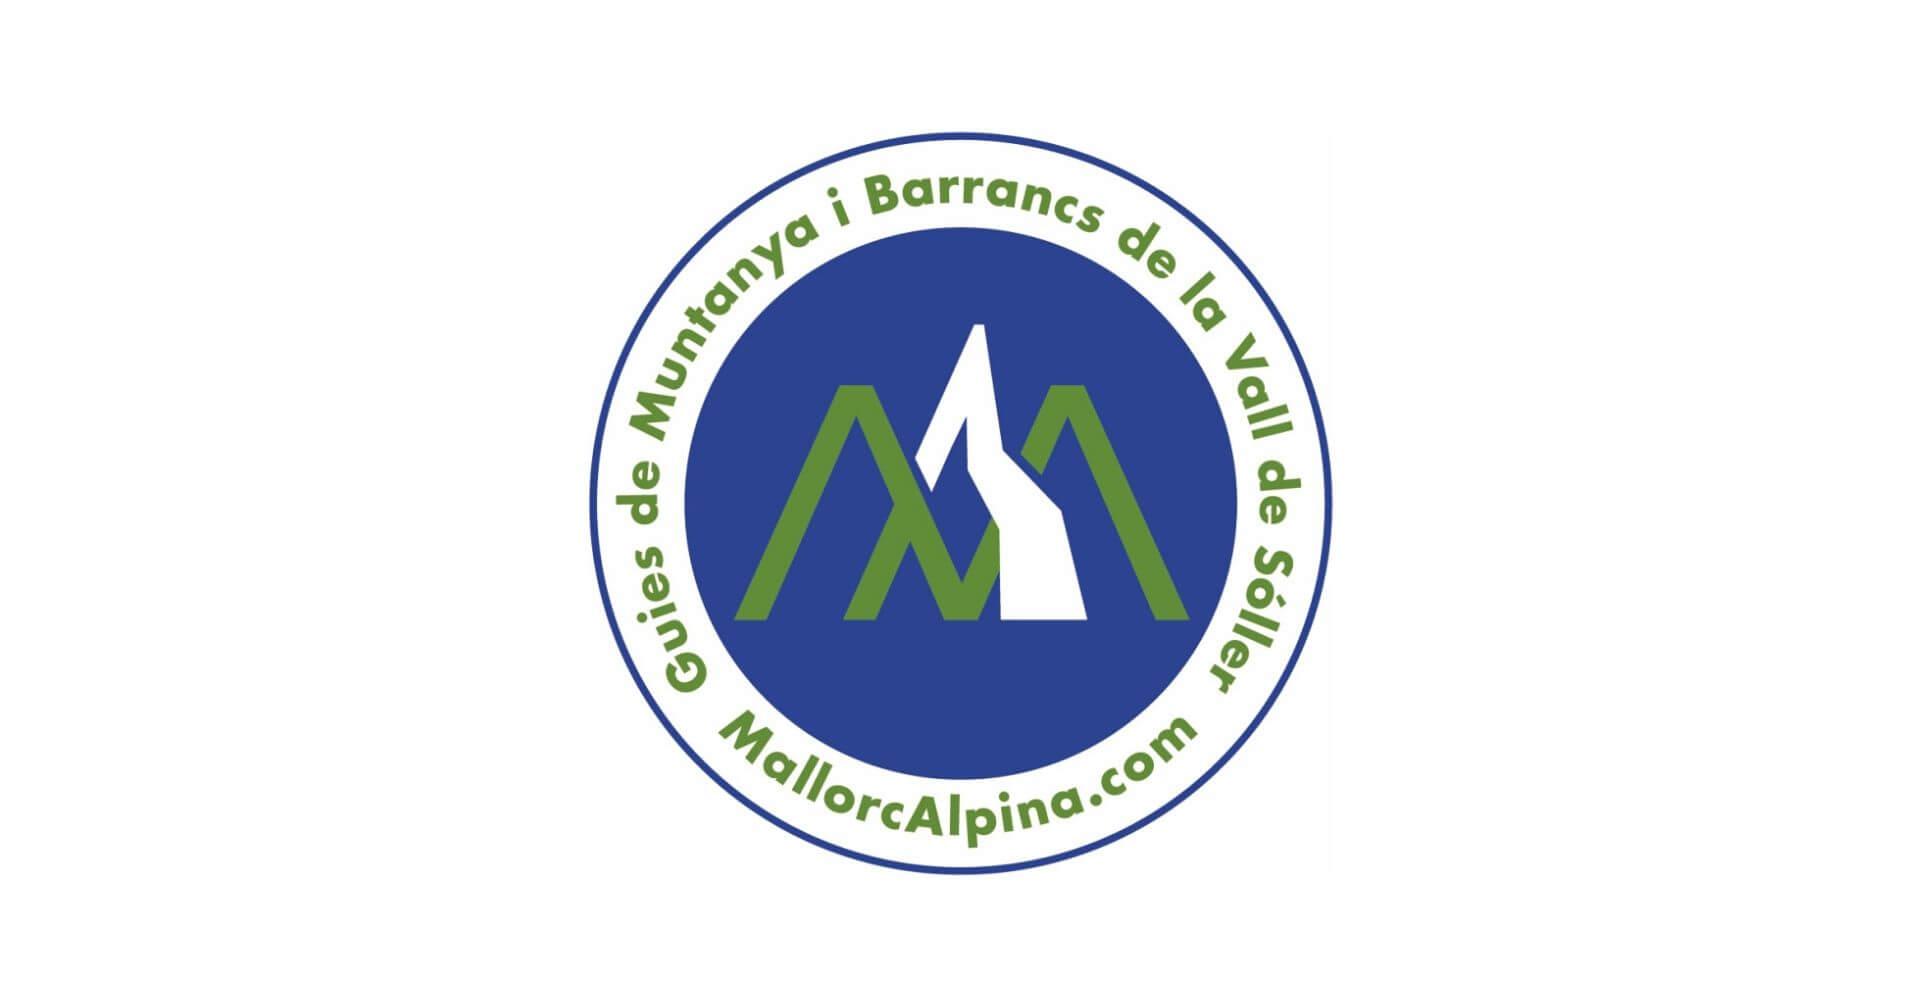 Logo Mallorca Alpina en Acampamos.com